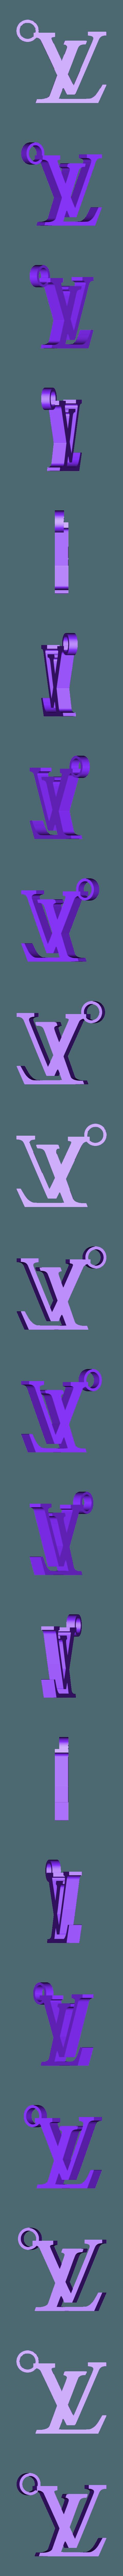 LV.stl Télécharger fichier STL Porte-clés Louis Vuitton • Plan imprimable en 3D, 3DPrintingGurus